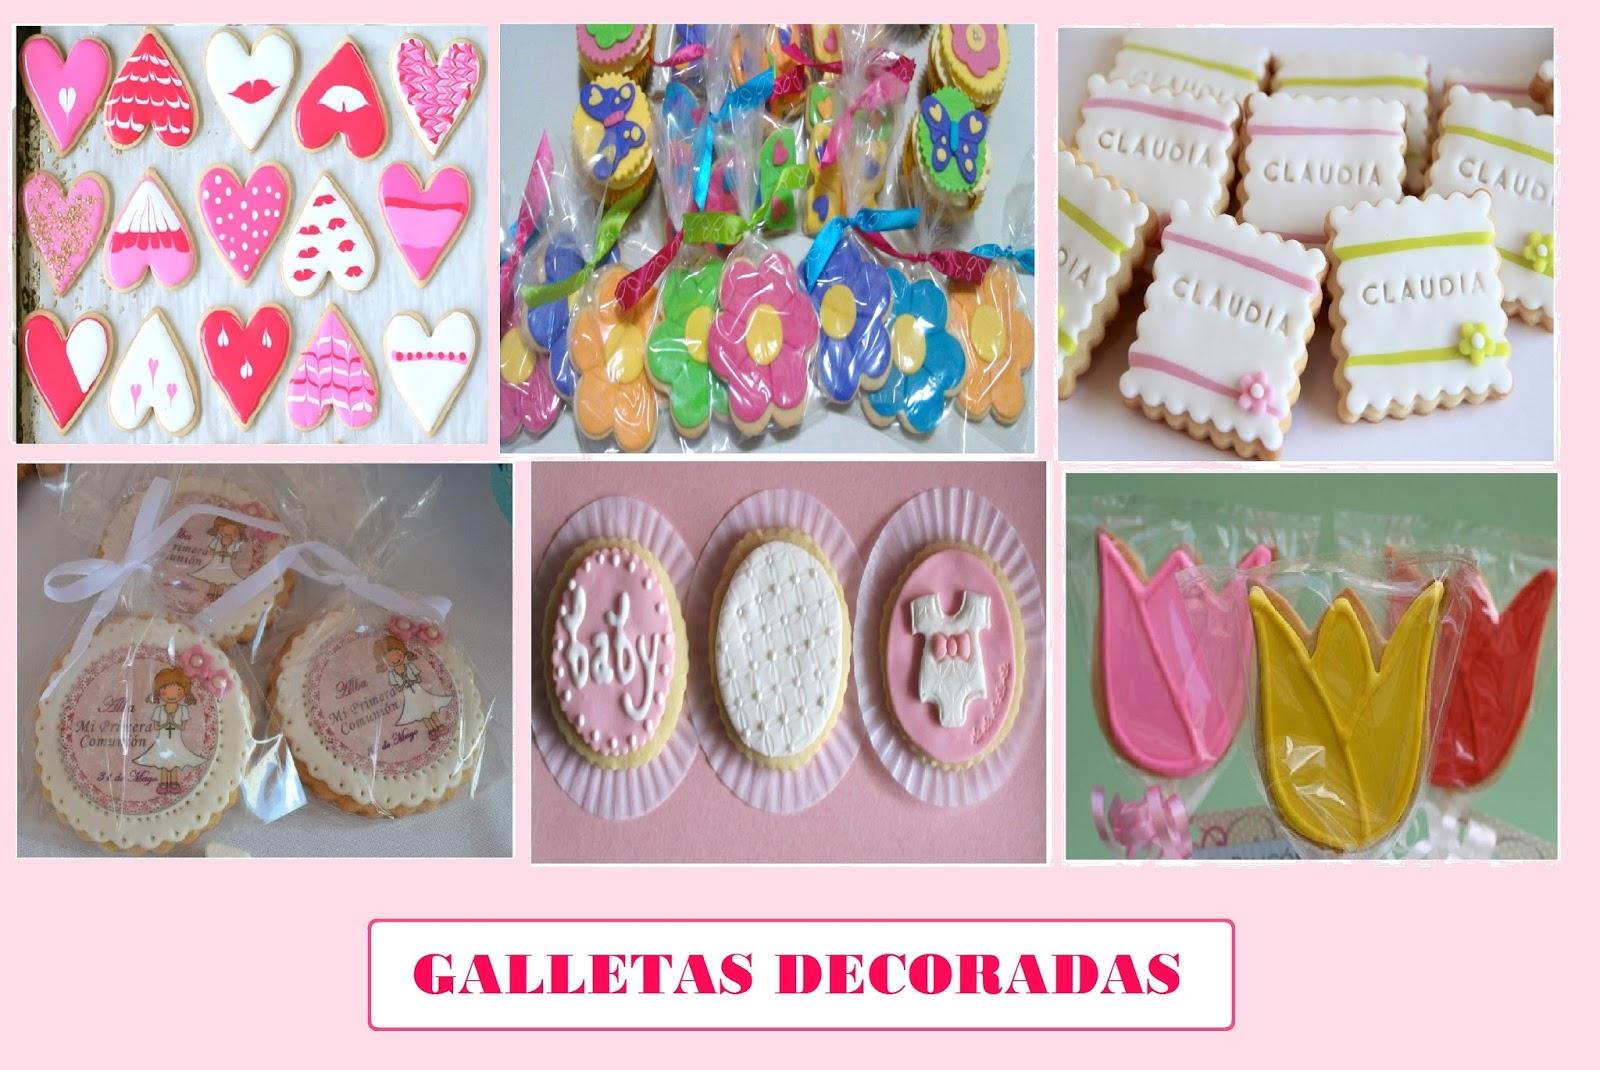 Taller De Galletas Decoradas Febrero Valetina Talleres